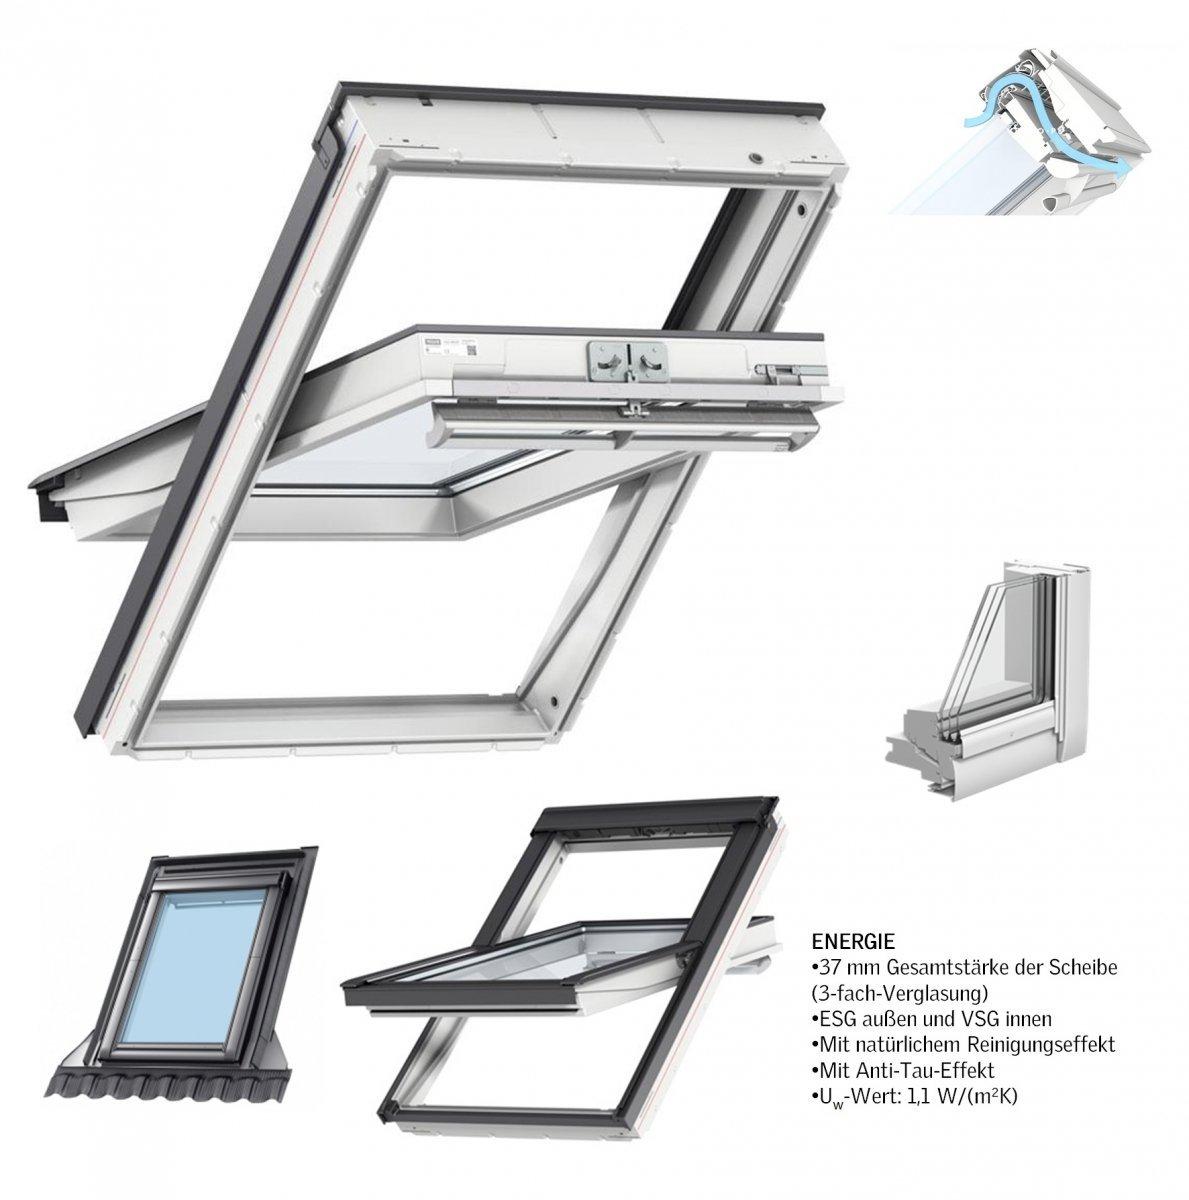 Velux dachfenster ggu 0068 kunststoff schwingfenster 3 - Dachfenster 3 fach verglasung ...